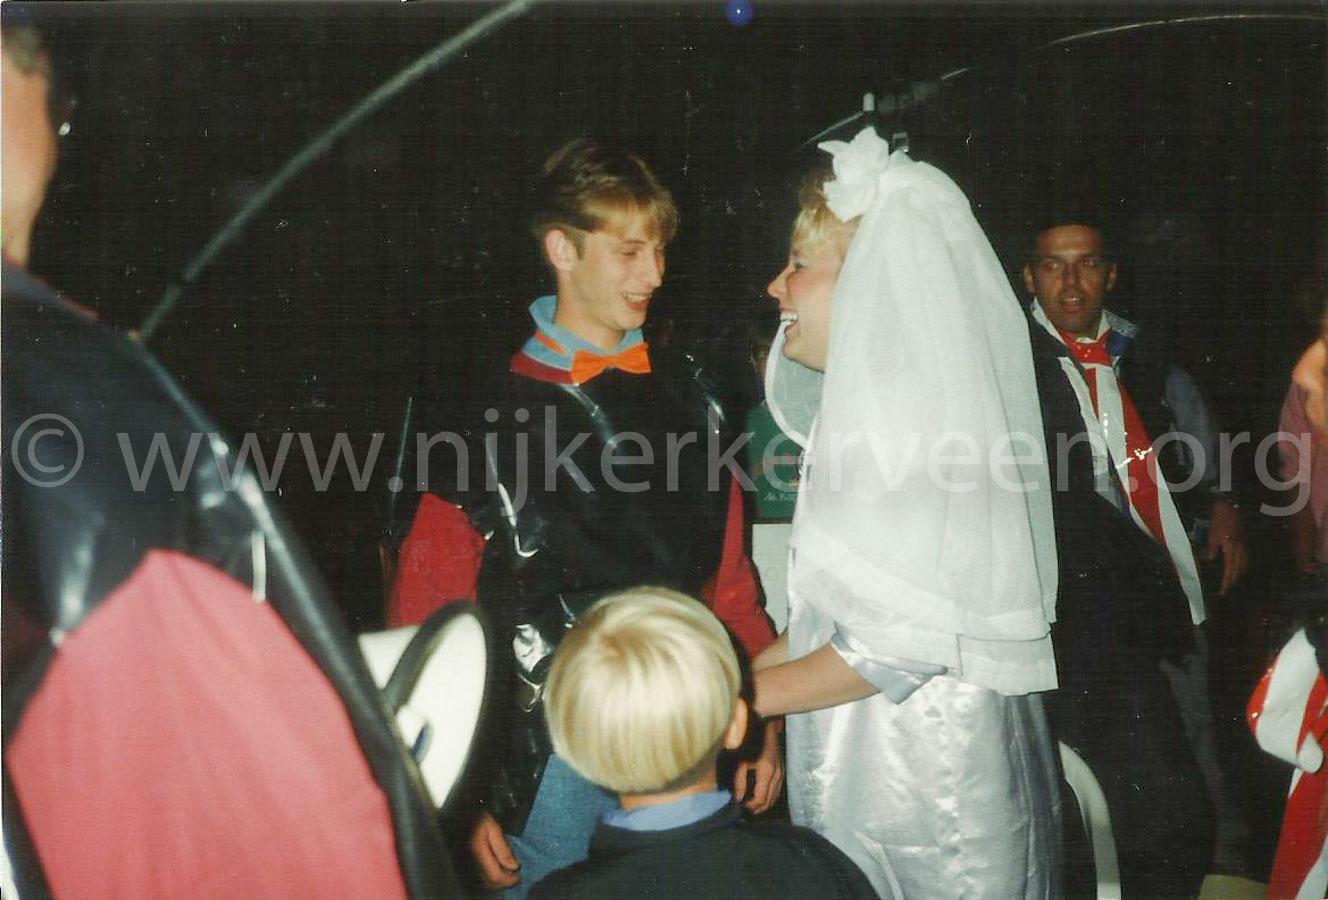 1994-jeugdkamp-huwelijkerwin-koelewijn-en-marielle-v-d-boom-79-kb